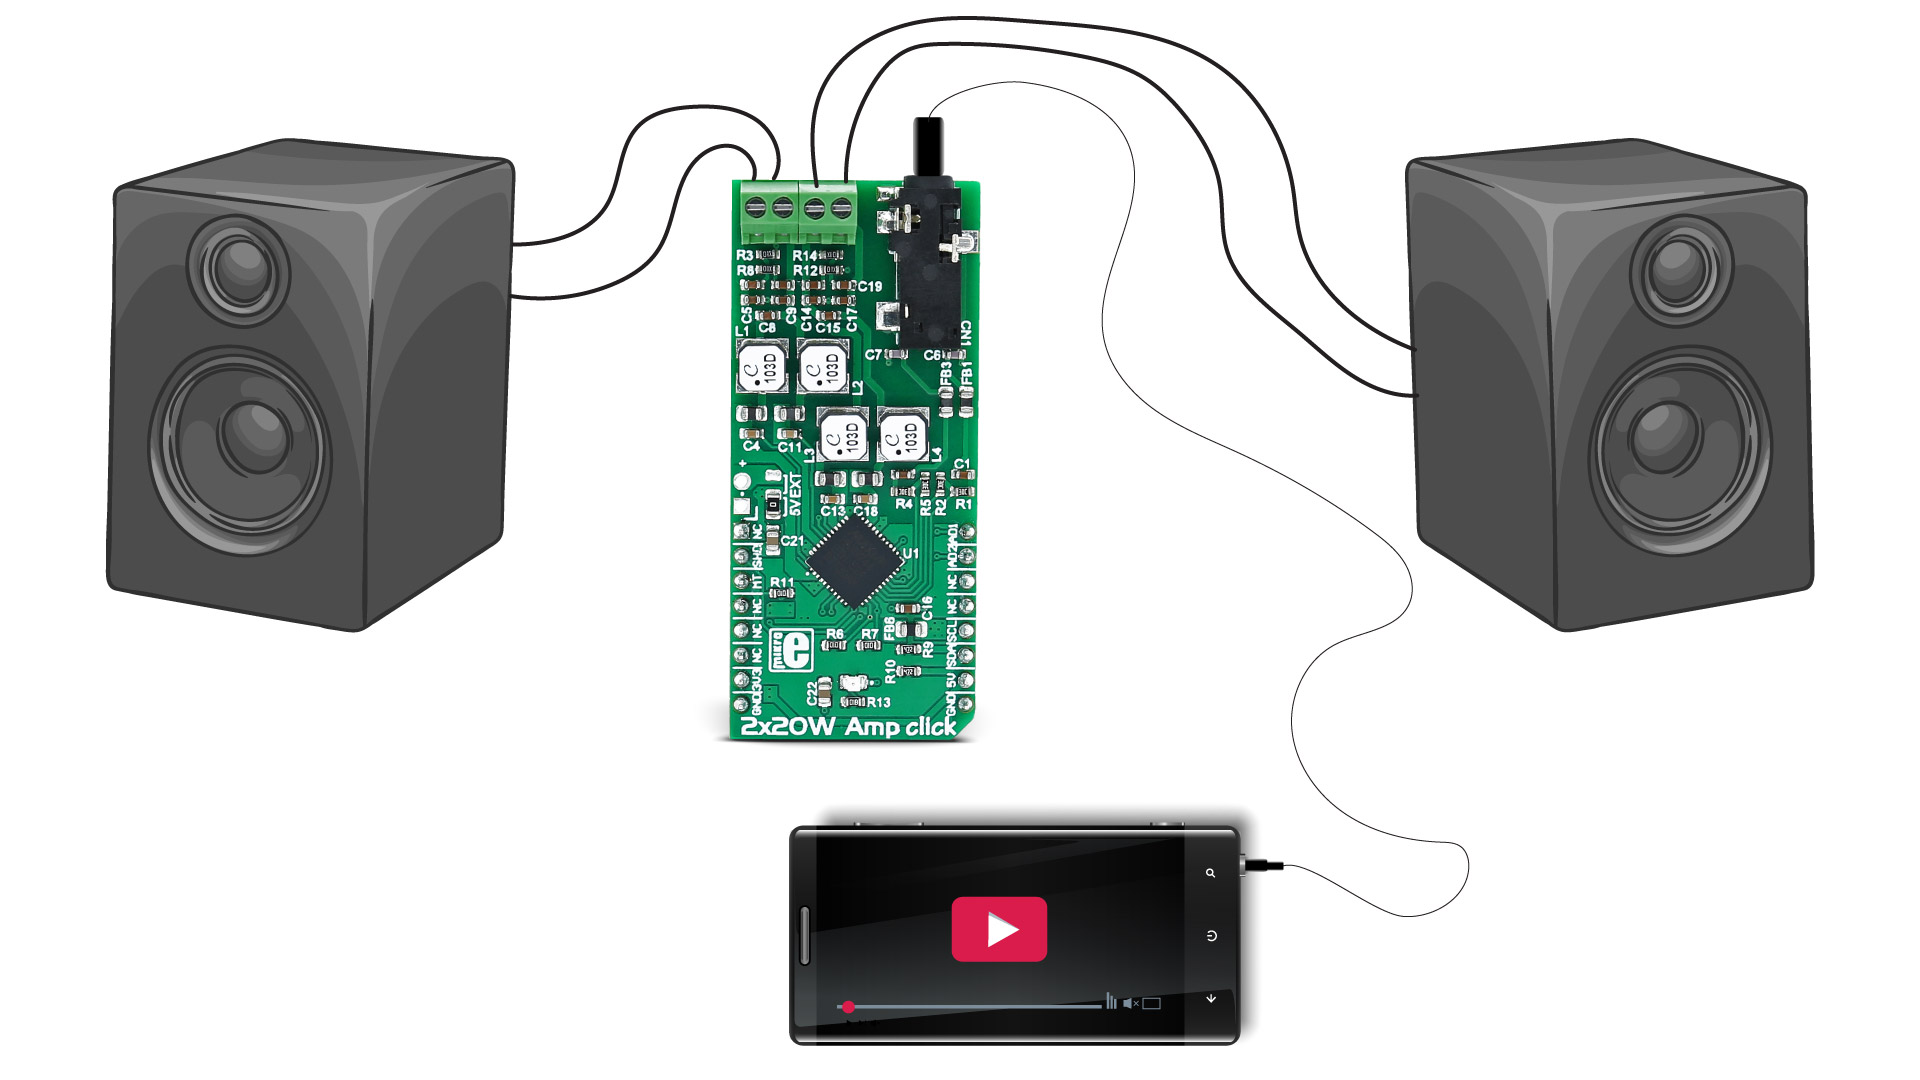 Exemple d'utilisation du module 2x20W Amp click MIKROE-2779